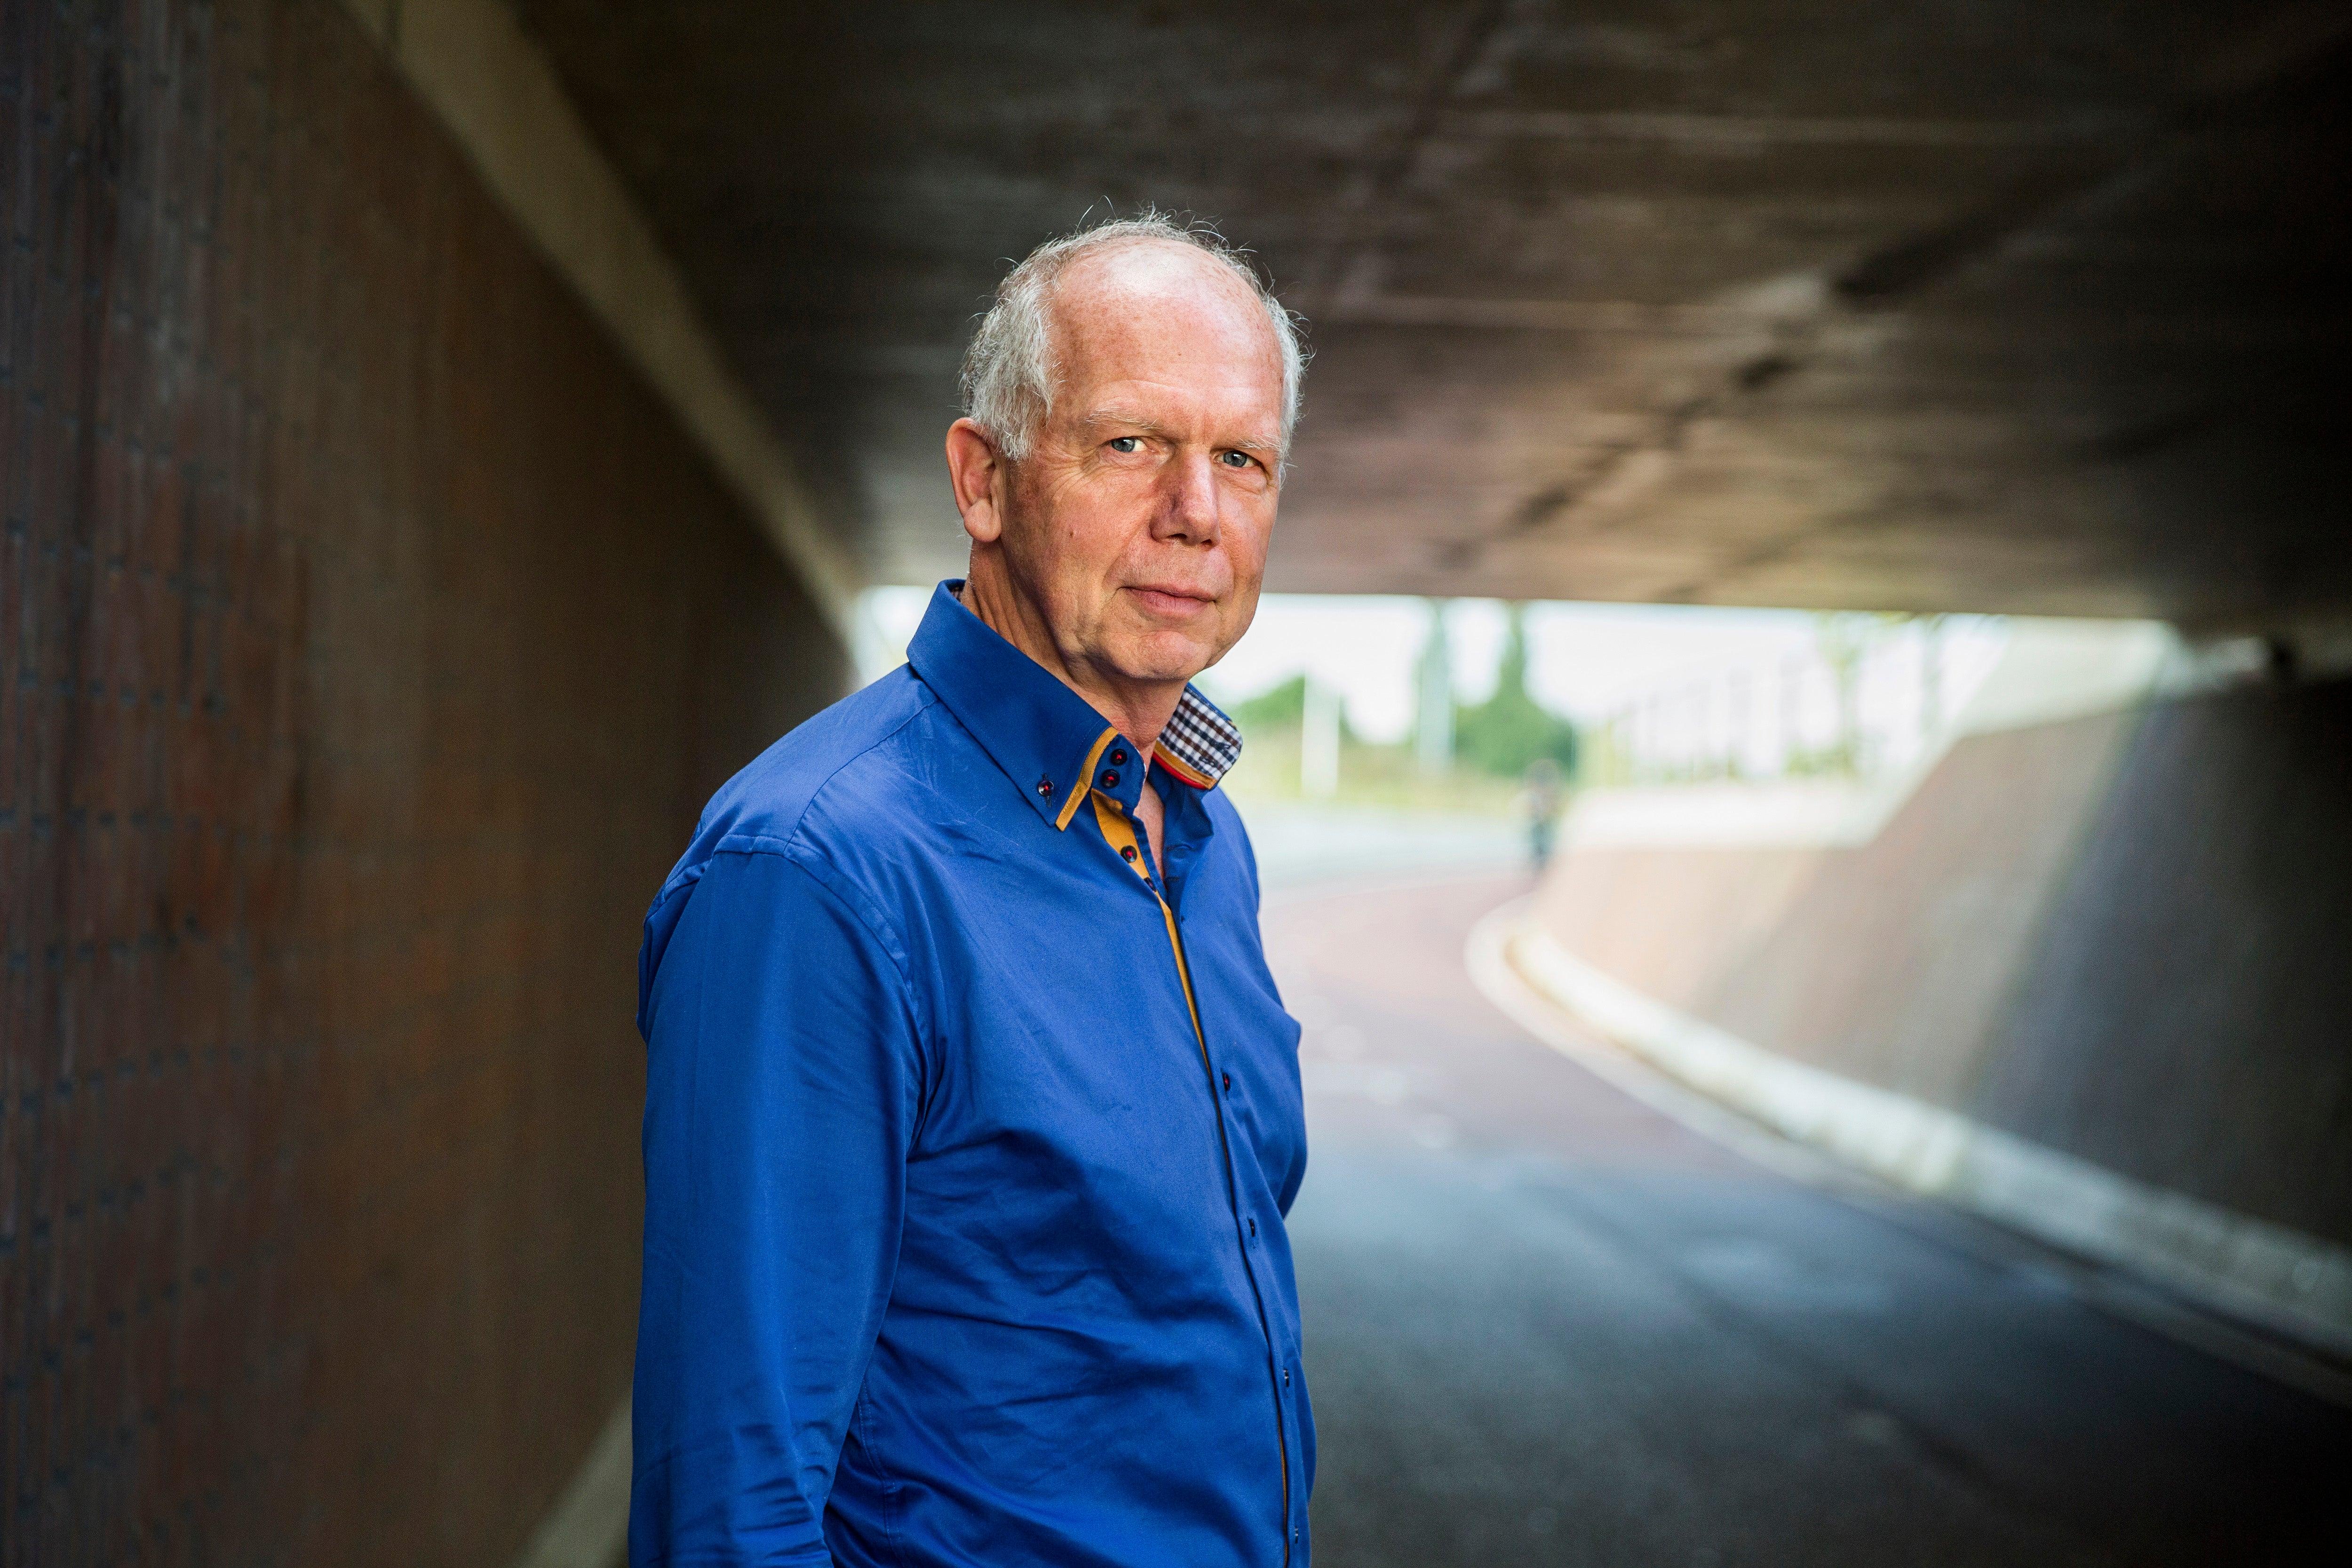 Psychiater en filosoof Gerrit Glas is de eerste Nederlandse hoogleraar filosofie van de neurowetenschappen. 'Ik wil niet als een wijsneus boven de wetenschap hangen.'